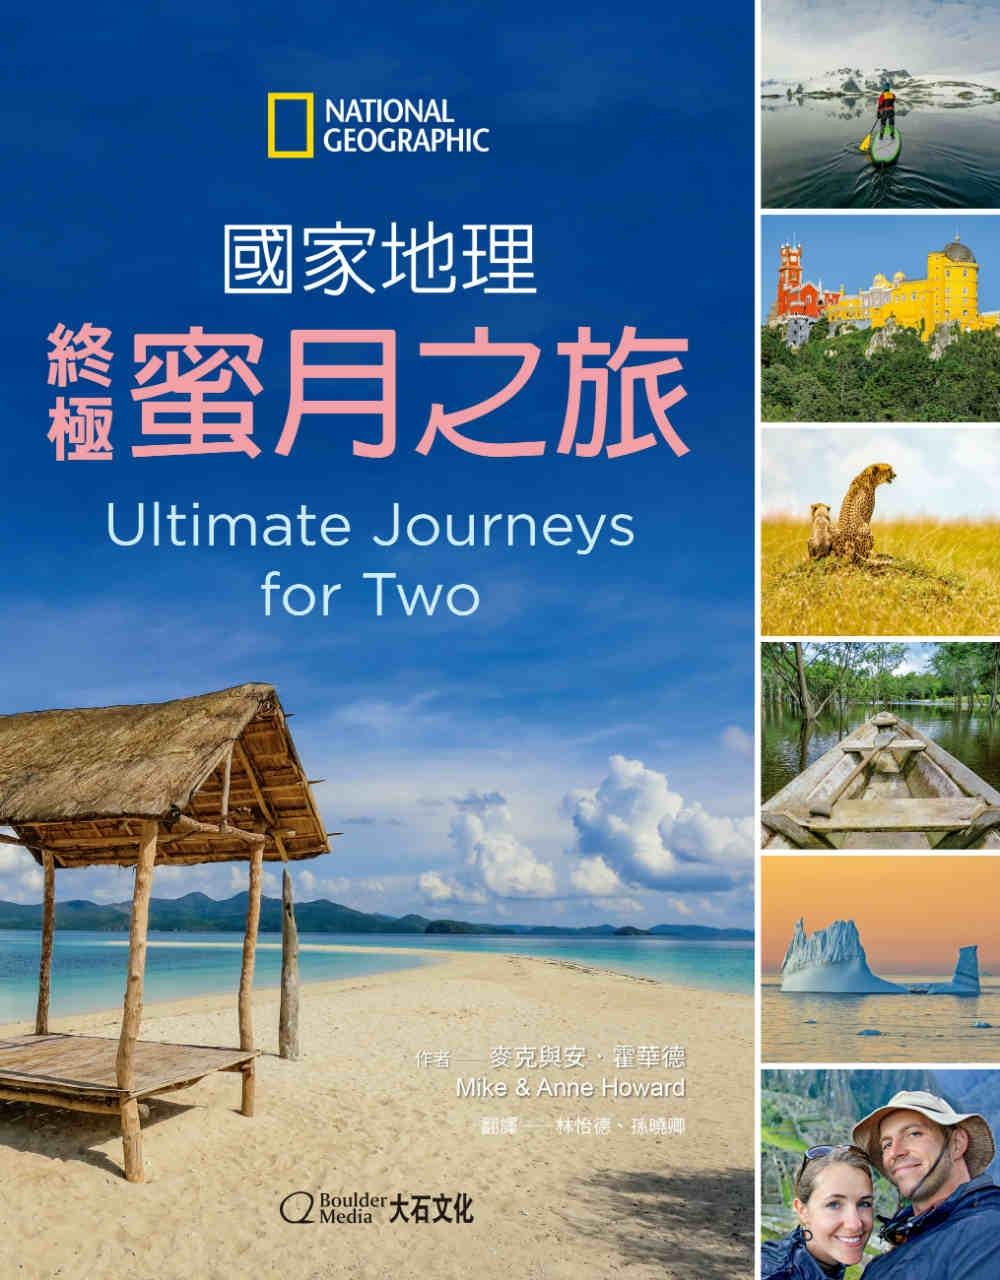 《國家地理終極蜜月之旅》旅行的方式